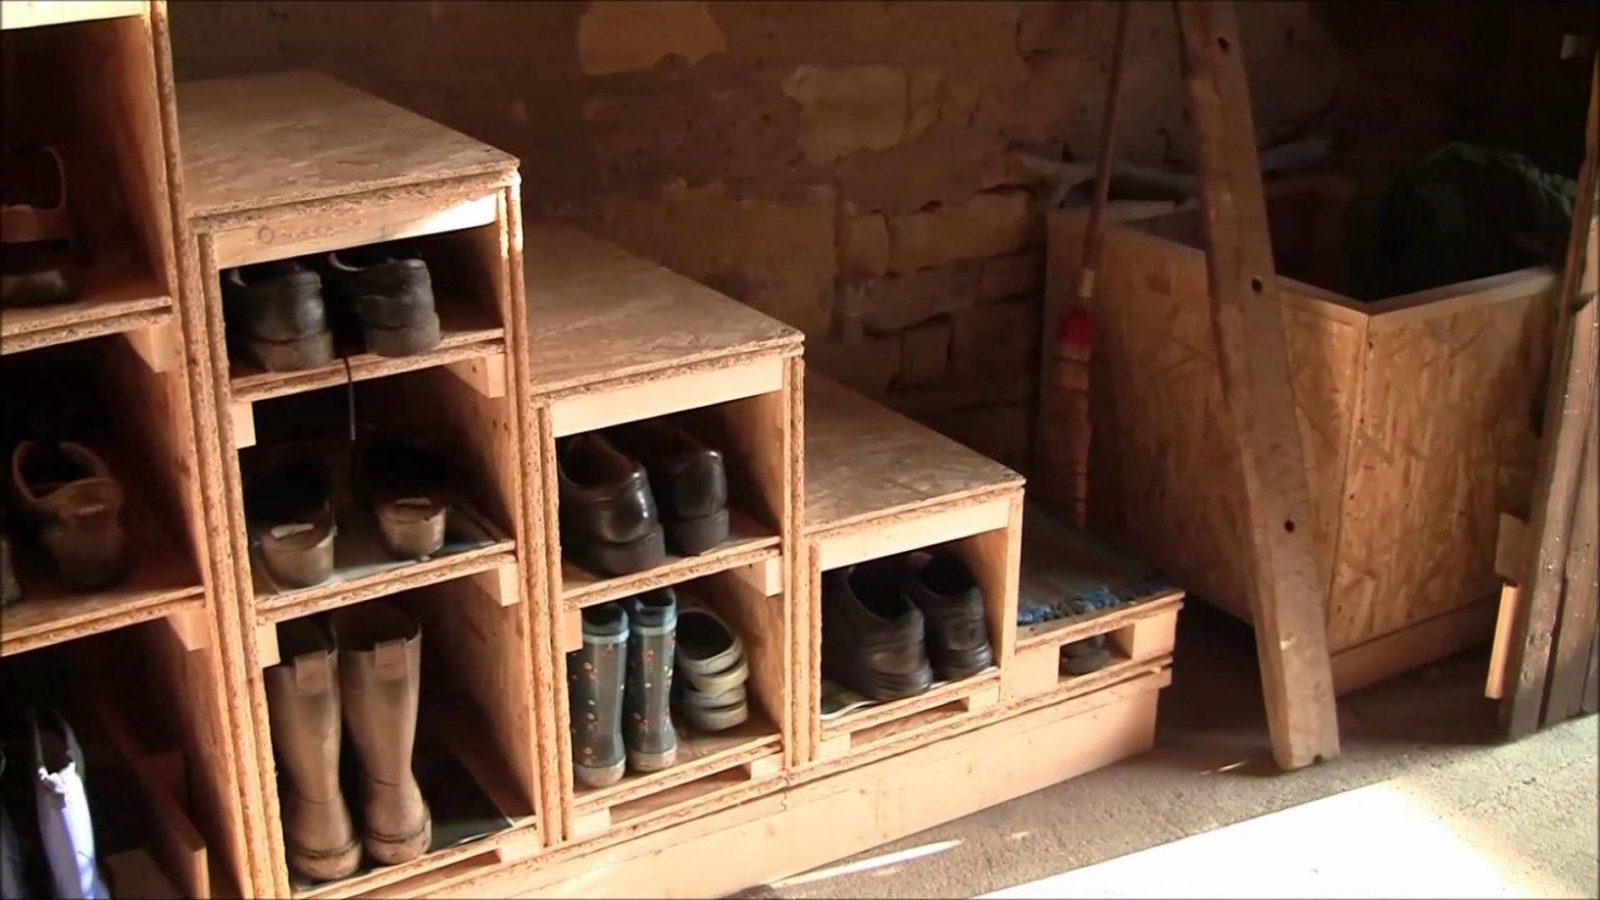 Treppe Selber Bauen Aus Osbverlegeplatten  Youtube von Treppe Selber Bauen Aus Holz Photo